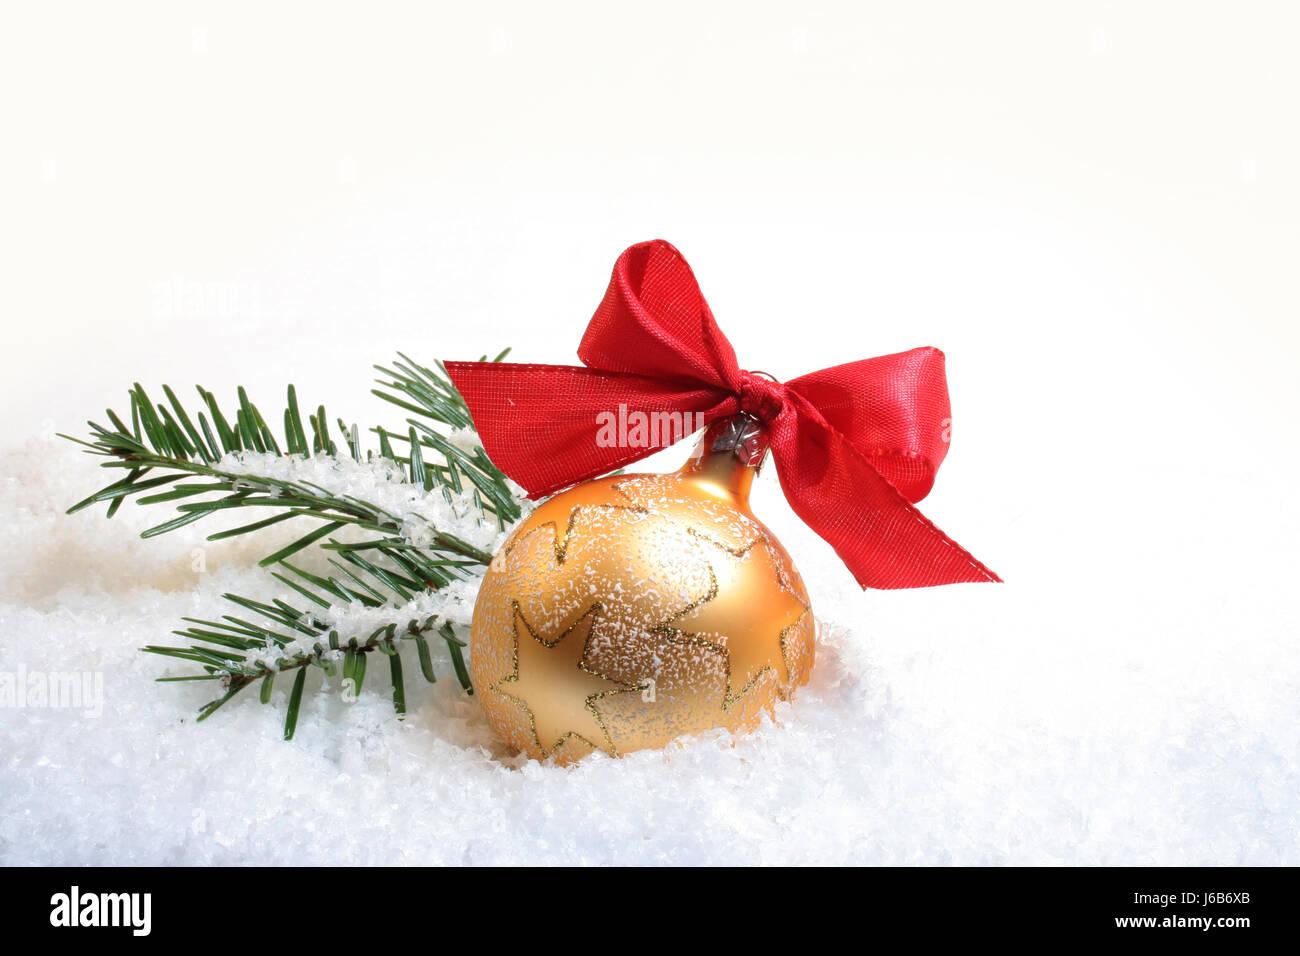 christbaumkugeln advent weihnachten schnee weihnachtsbaum. Black Bedroom Furniture Sets. Home Design Ideas